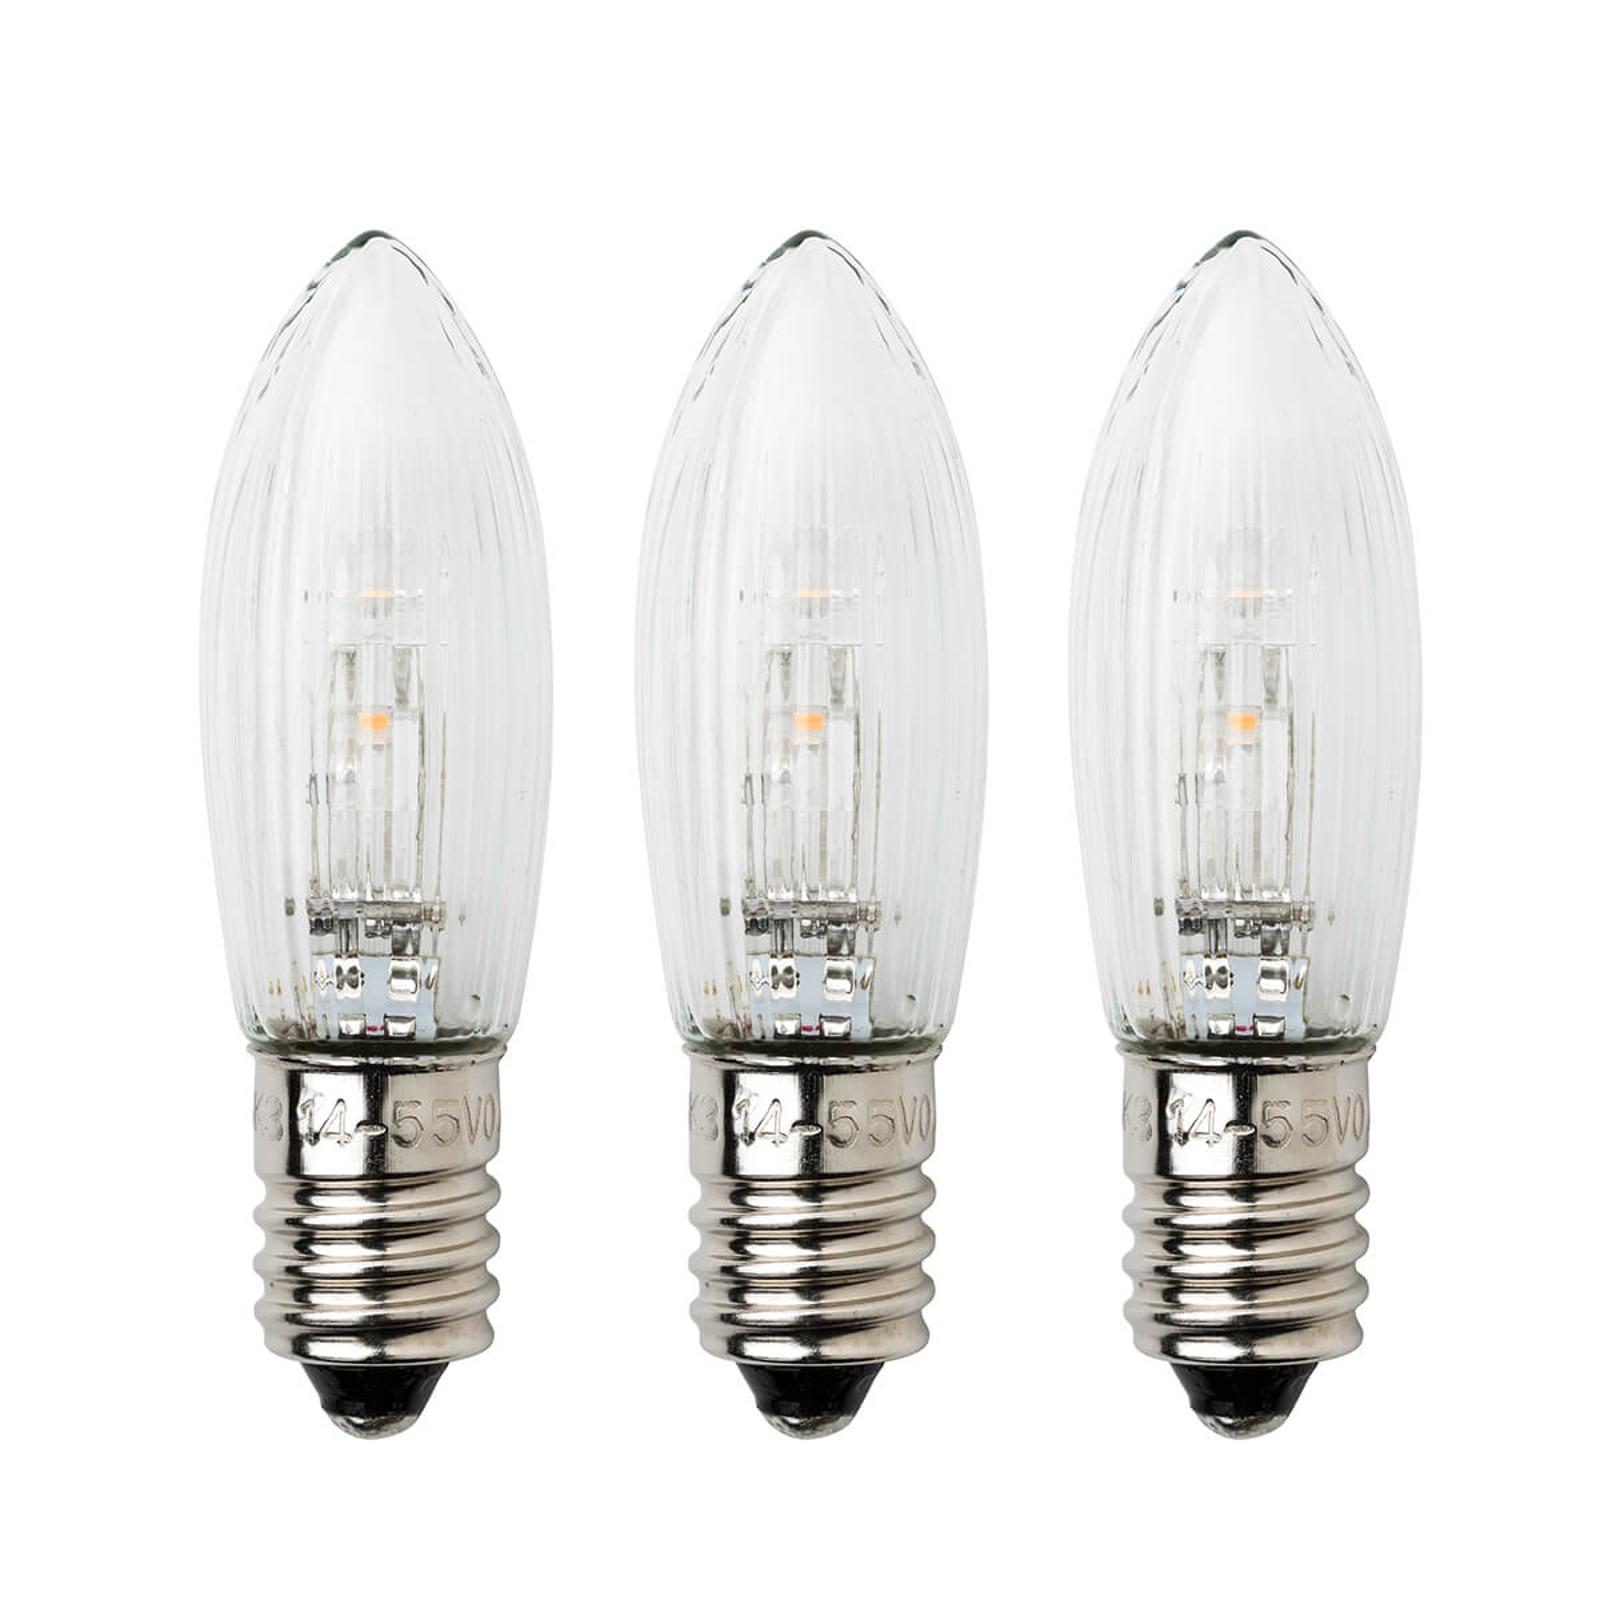 E10 0,3W 24V Ersatzlampen 3er Pack